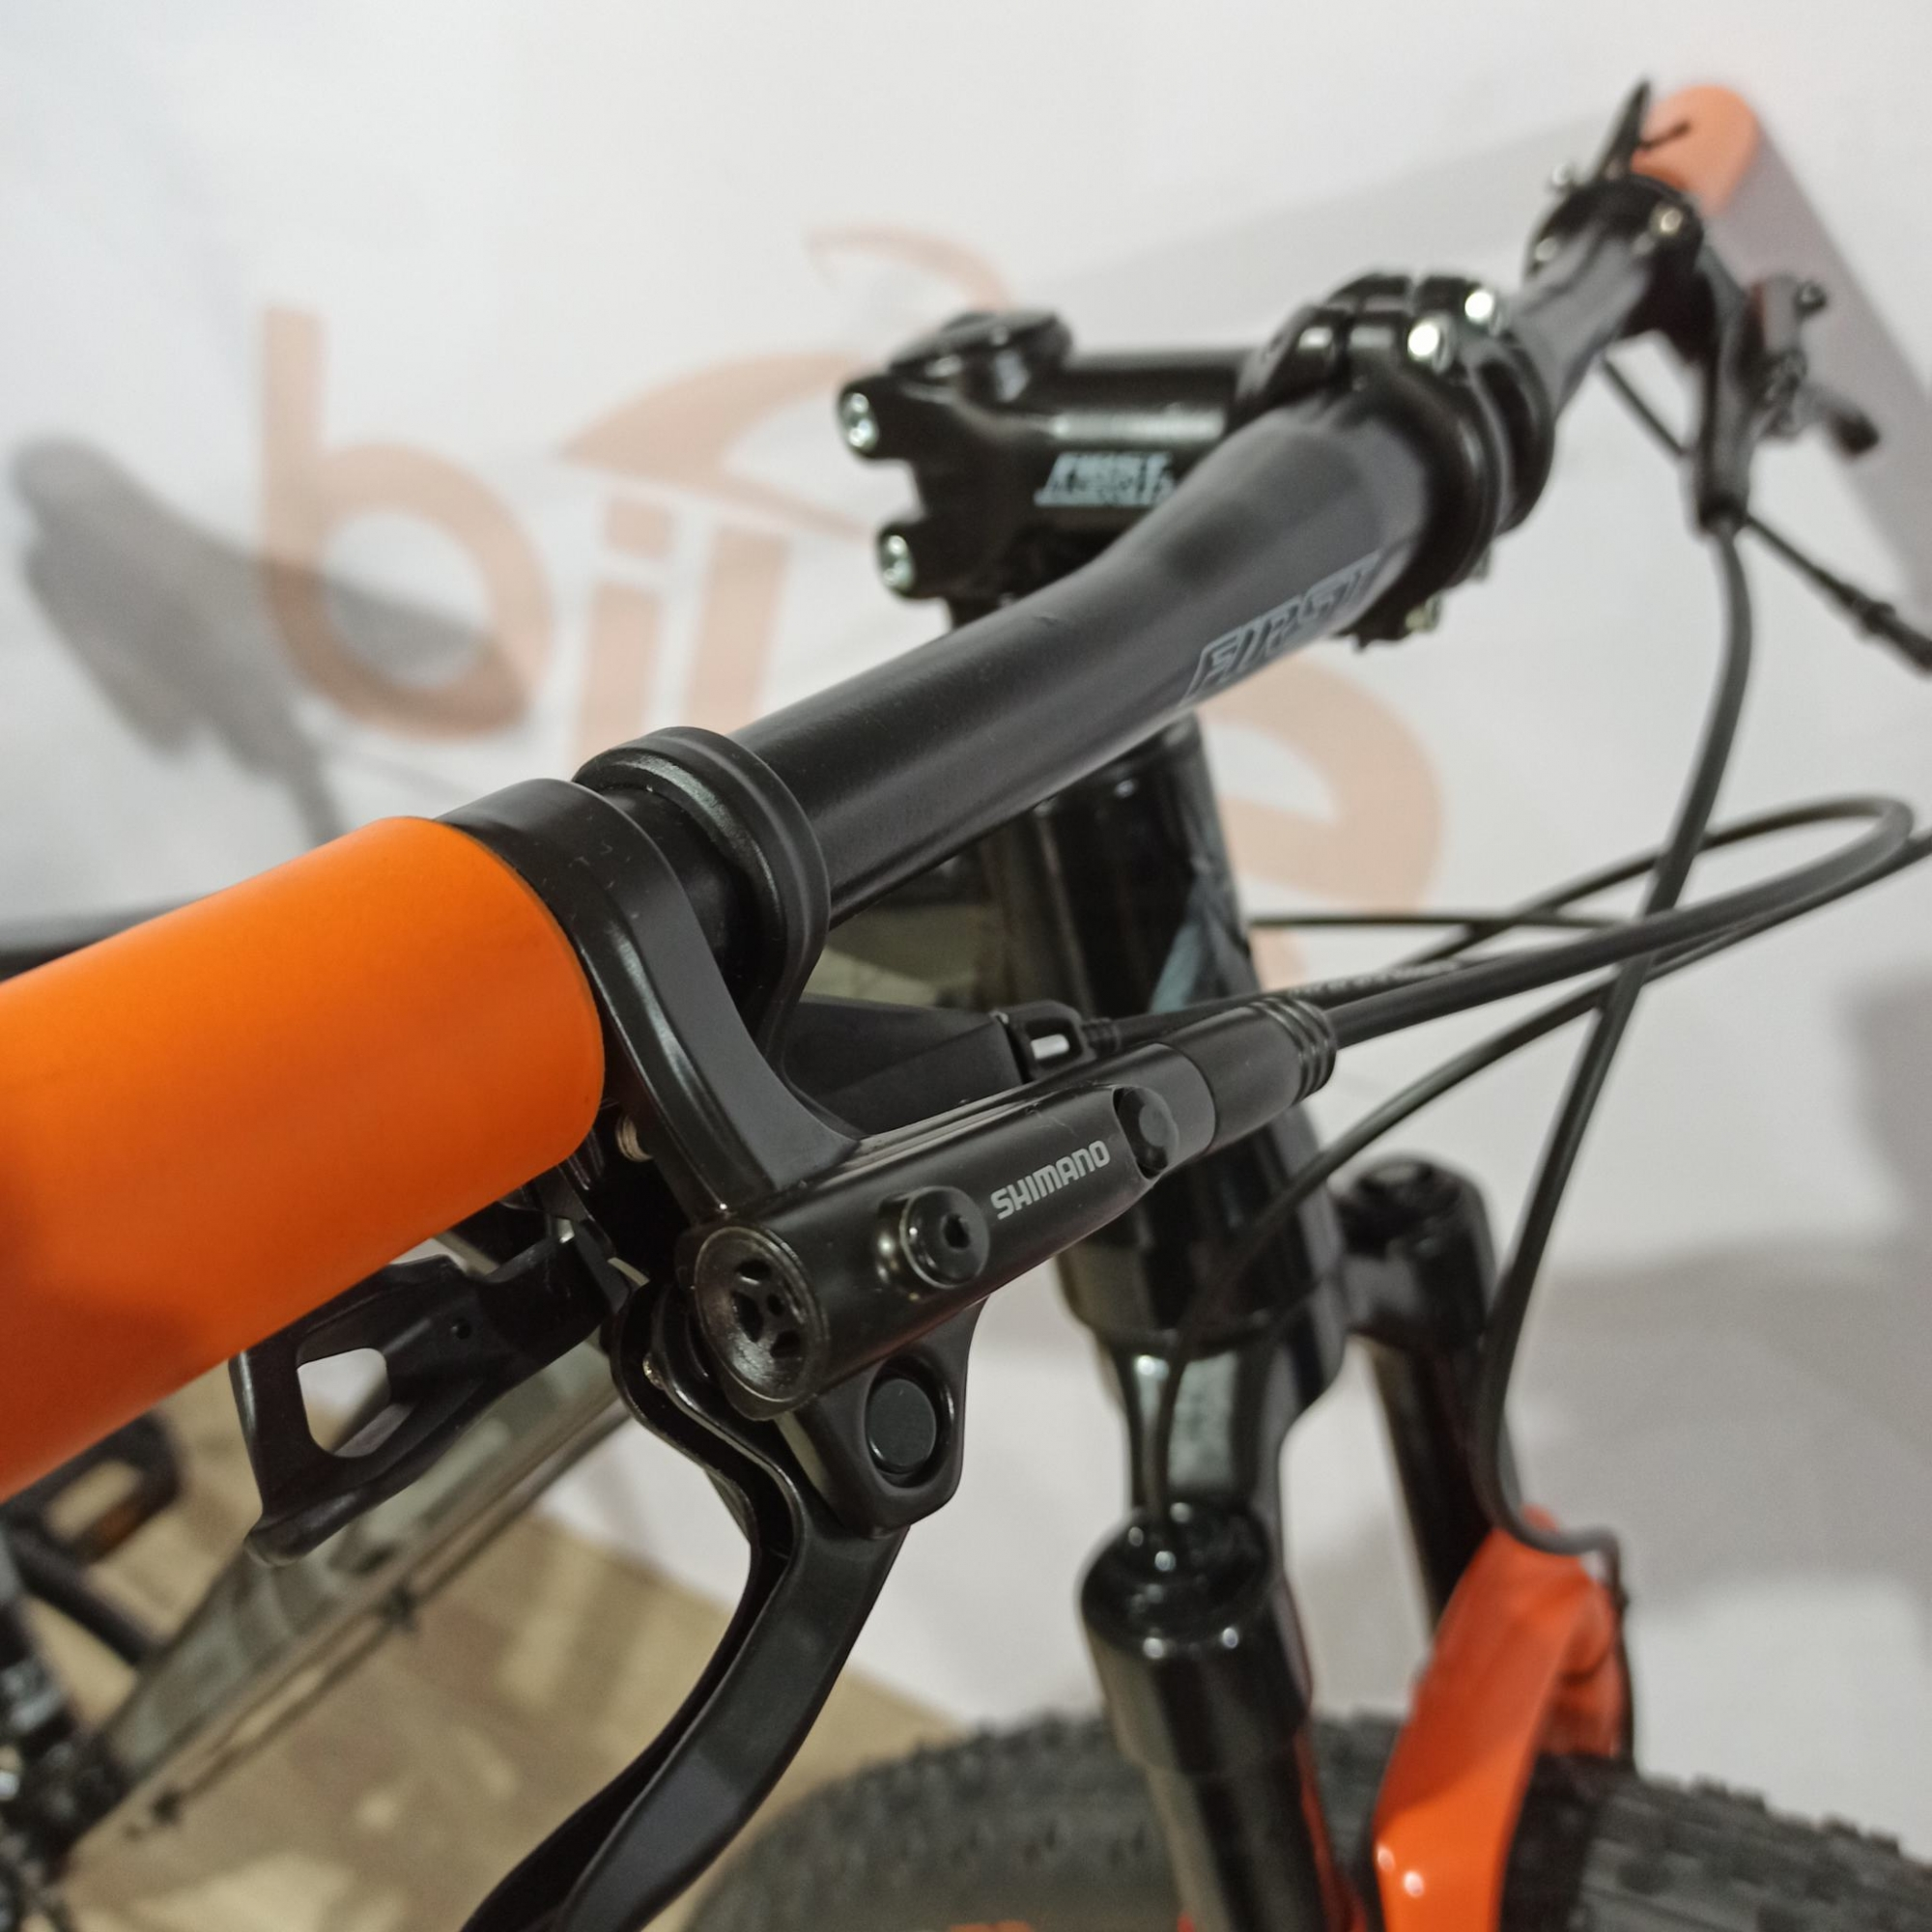 Bicicleta FIRST Lunix aro 29 - 12v Shimano SLX - K7 Deore 10/51 dentes - Suspensão Proshock Onix c/ Trava no Guidão